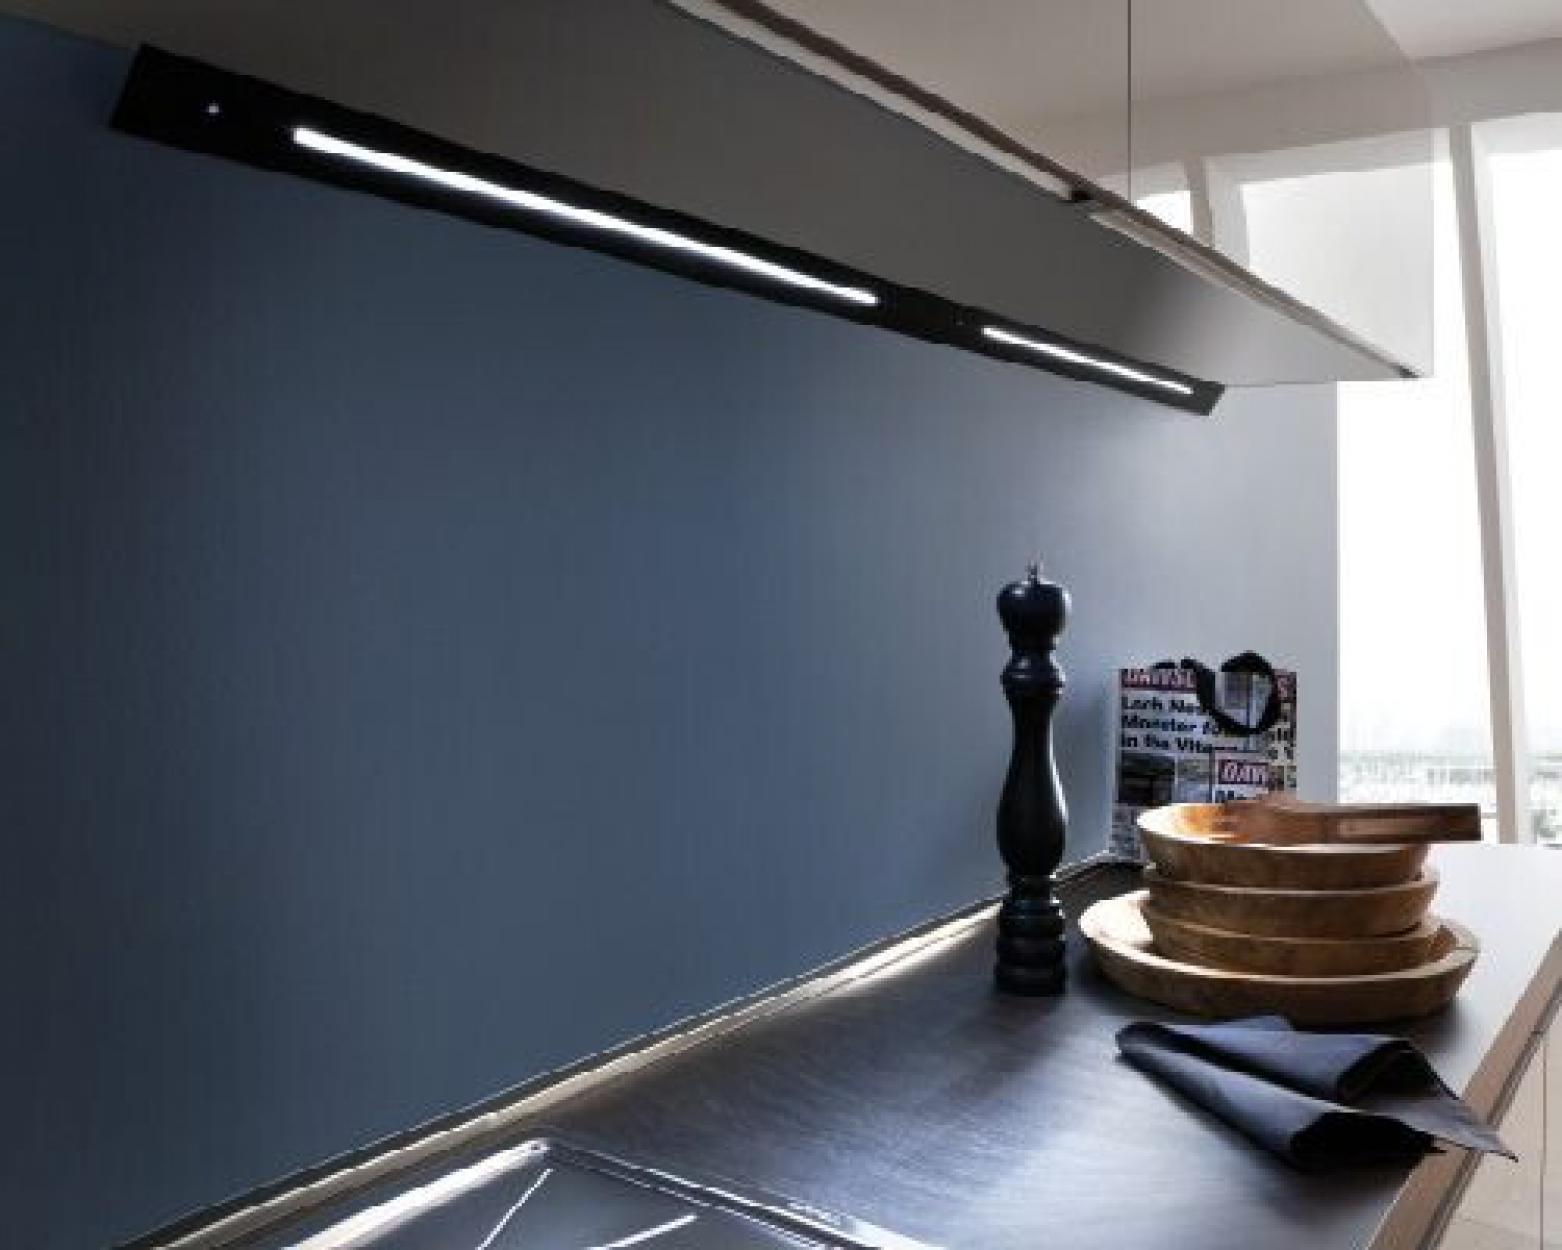 Светильник светодиодный MURANO PLUS TOUCH(сенсорный) длинна 600mm 12V 5000K (холодный свет)  3,4W 15LED, цвет:черный